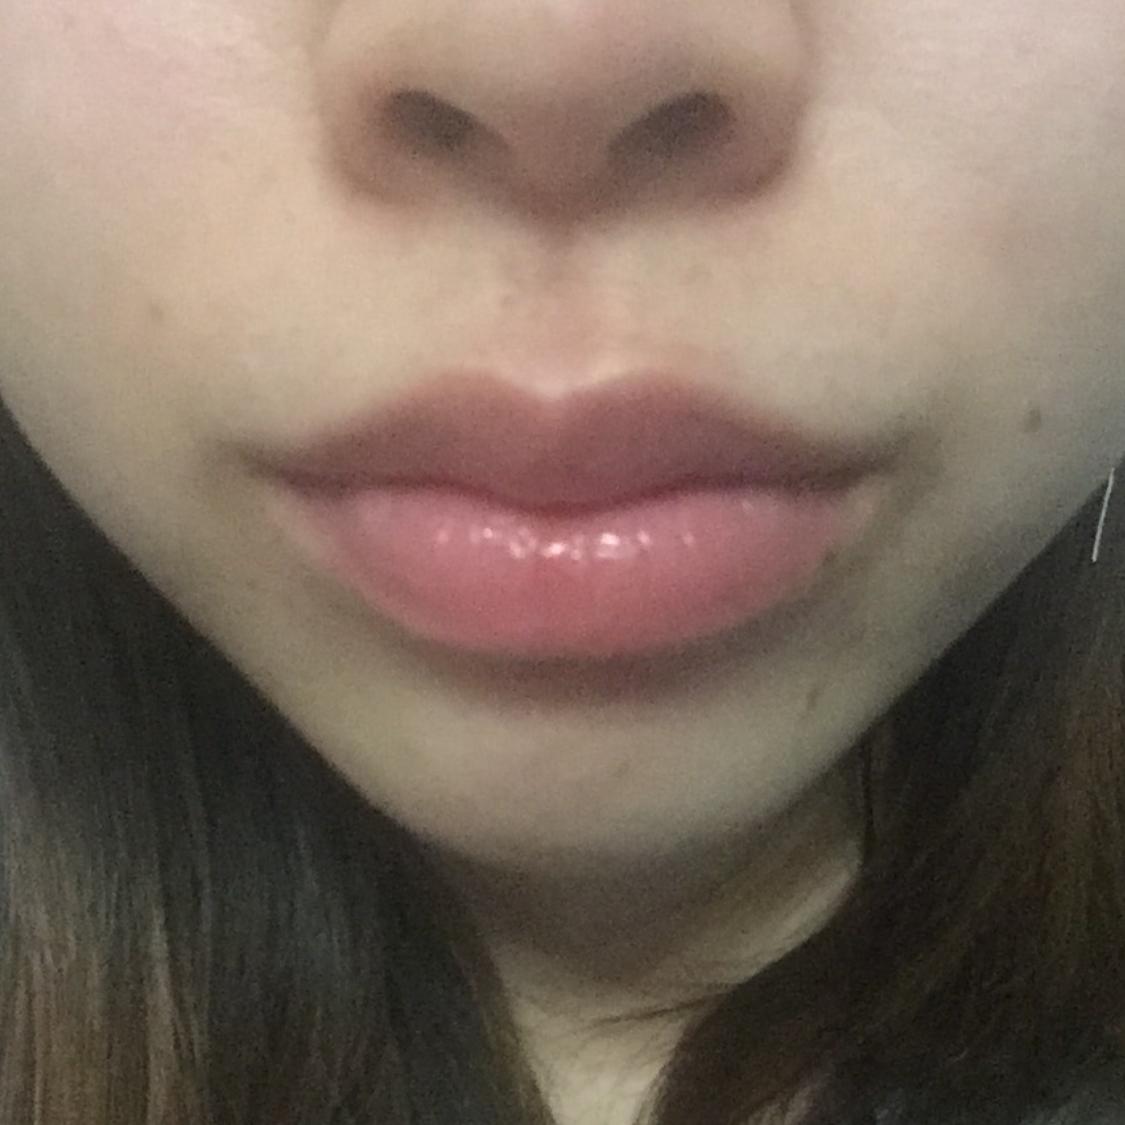 玻尿酸注射丰唇